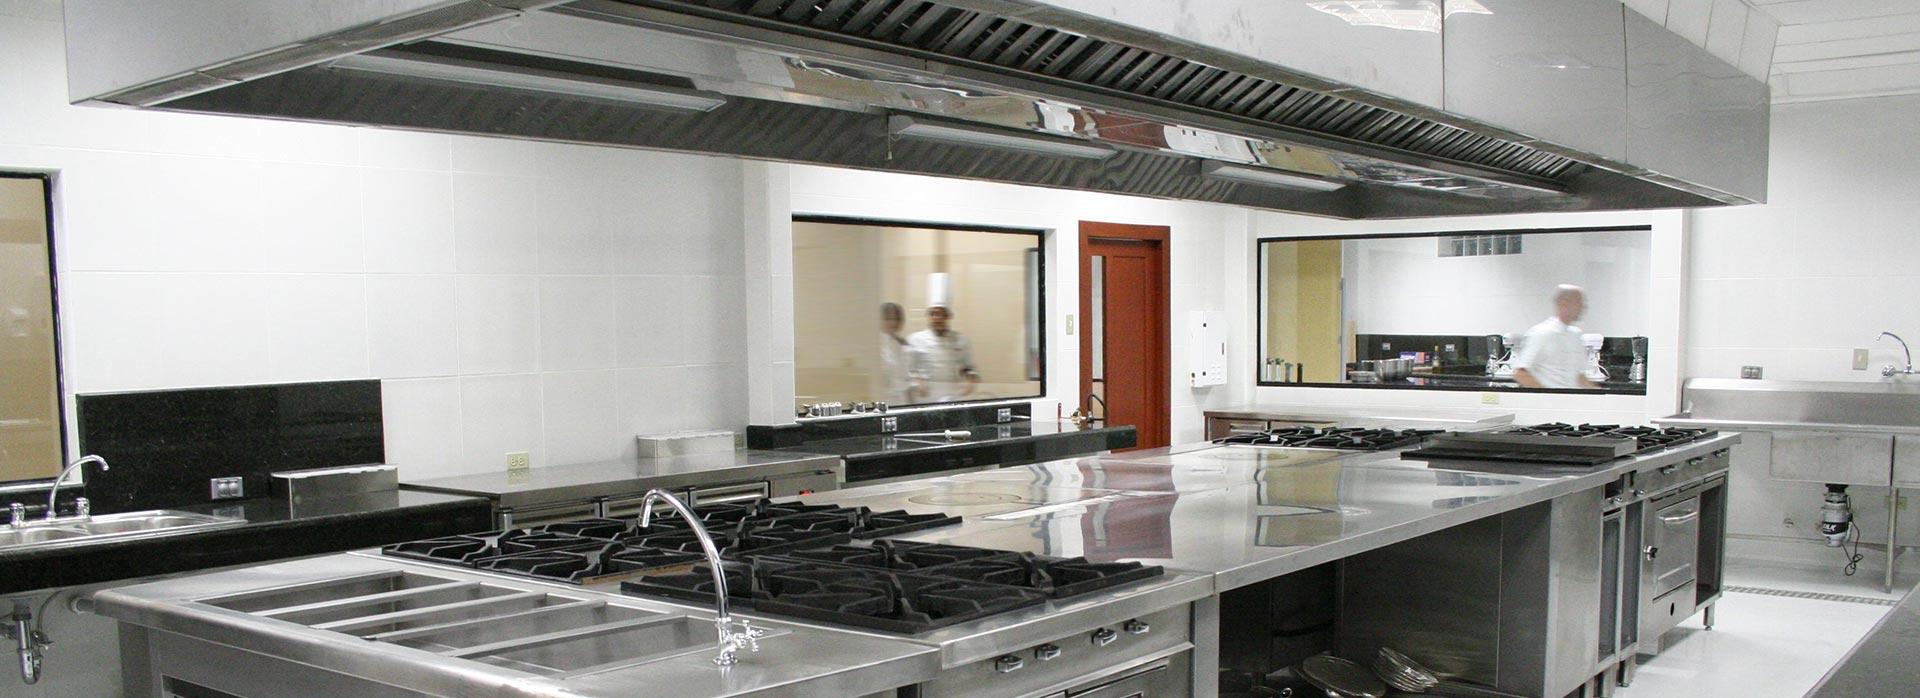 Limpieza y desengrase de extracci n de humos y cocinas for Todo para cocinas industriales